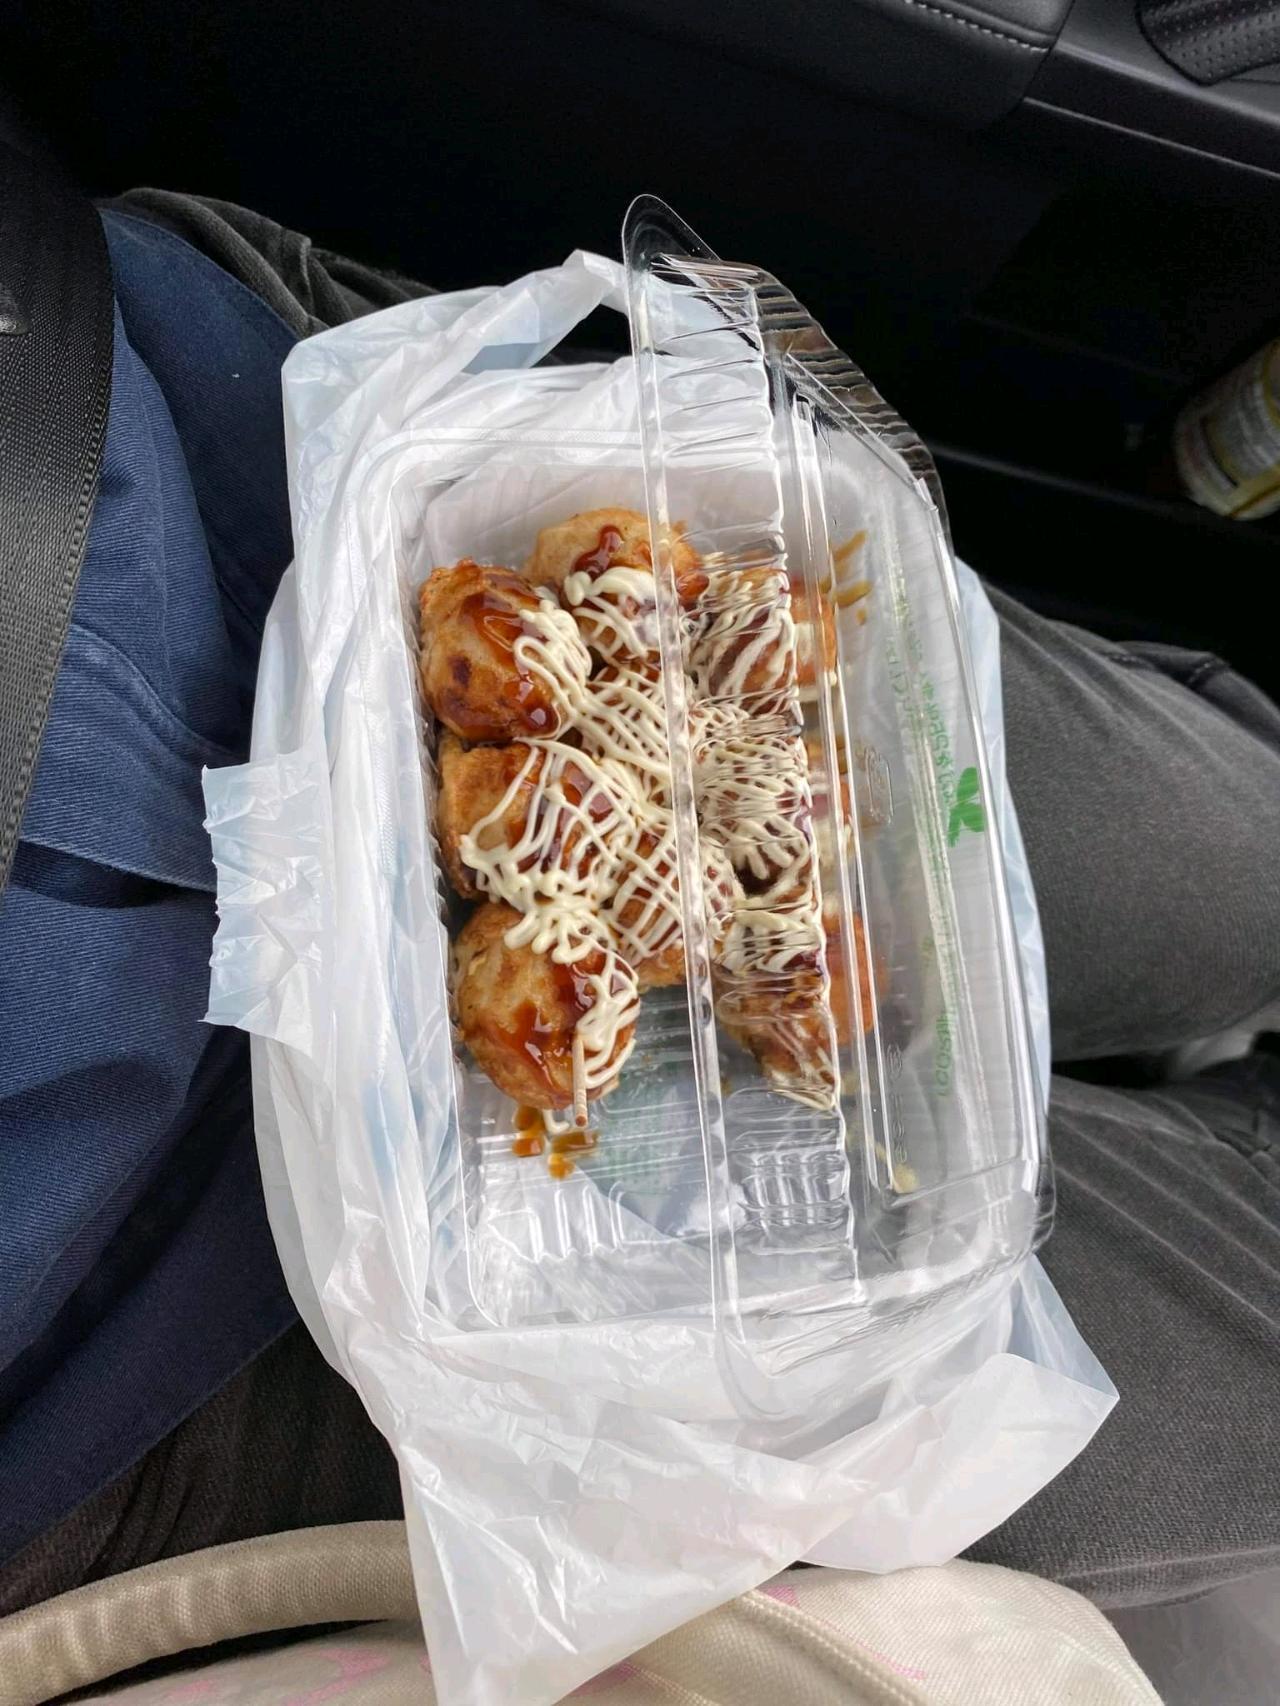 #たこ焼き #Takoyaki Cách làm takoyaki không cần khuôn